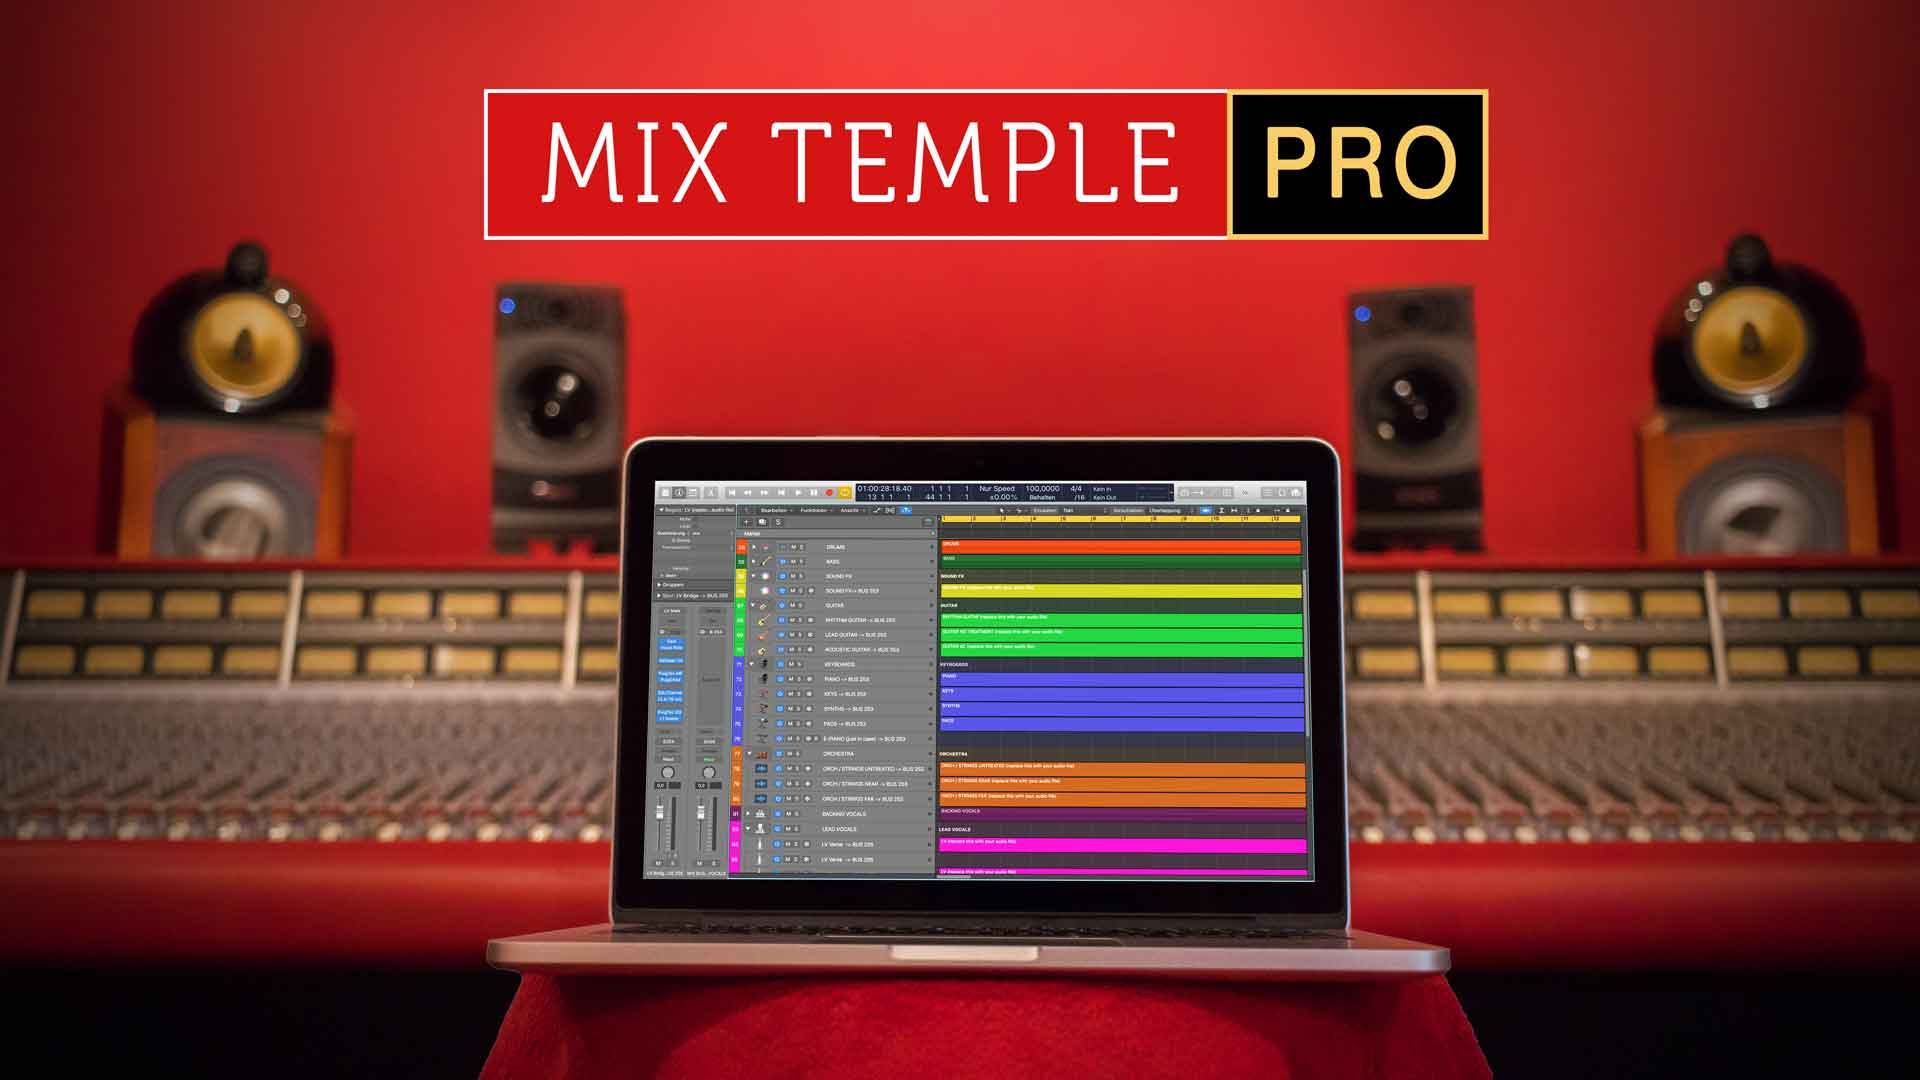 Mix Temple Pro